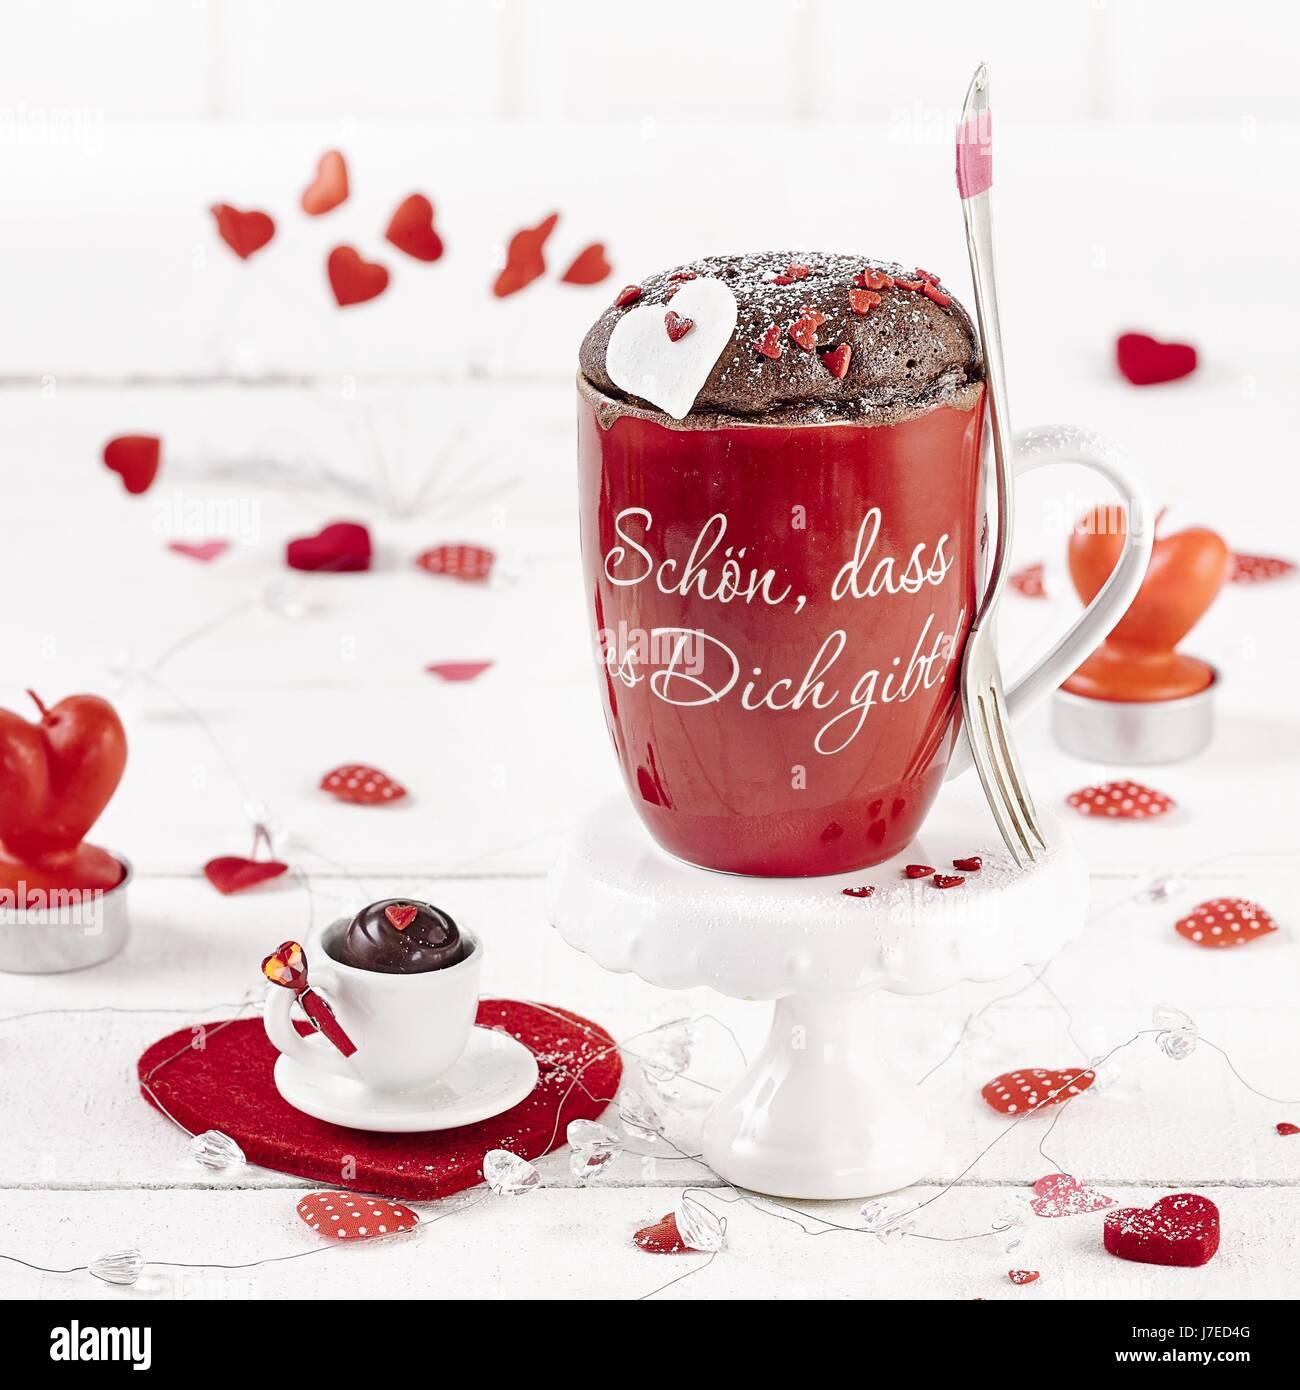 Becher Kuchen Mein Valentinsgruss Mikrowelle Stockfoto Bild